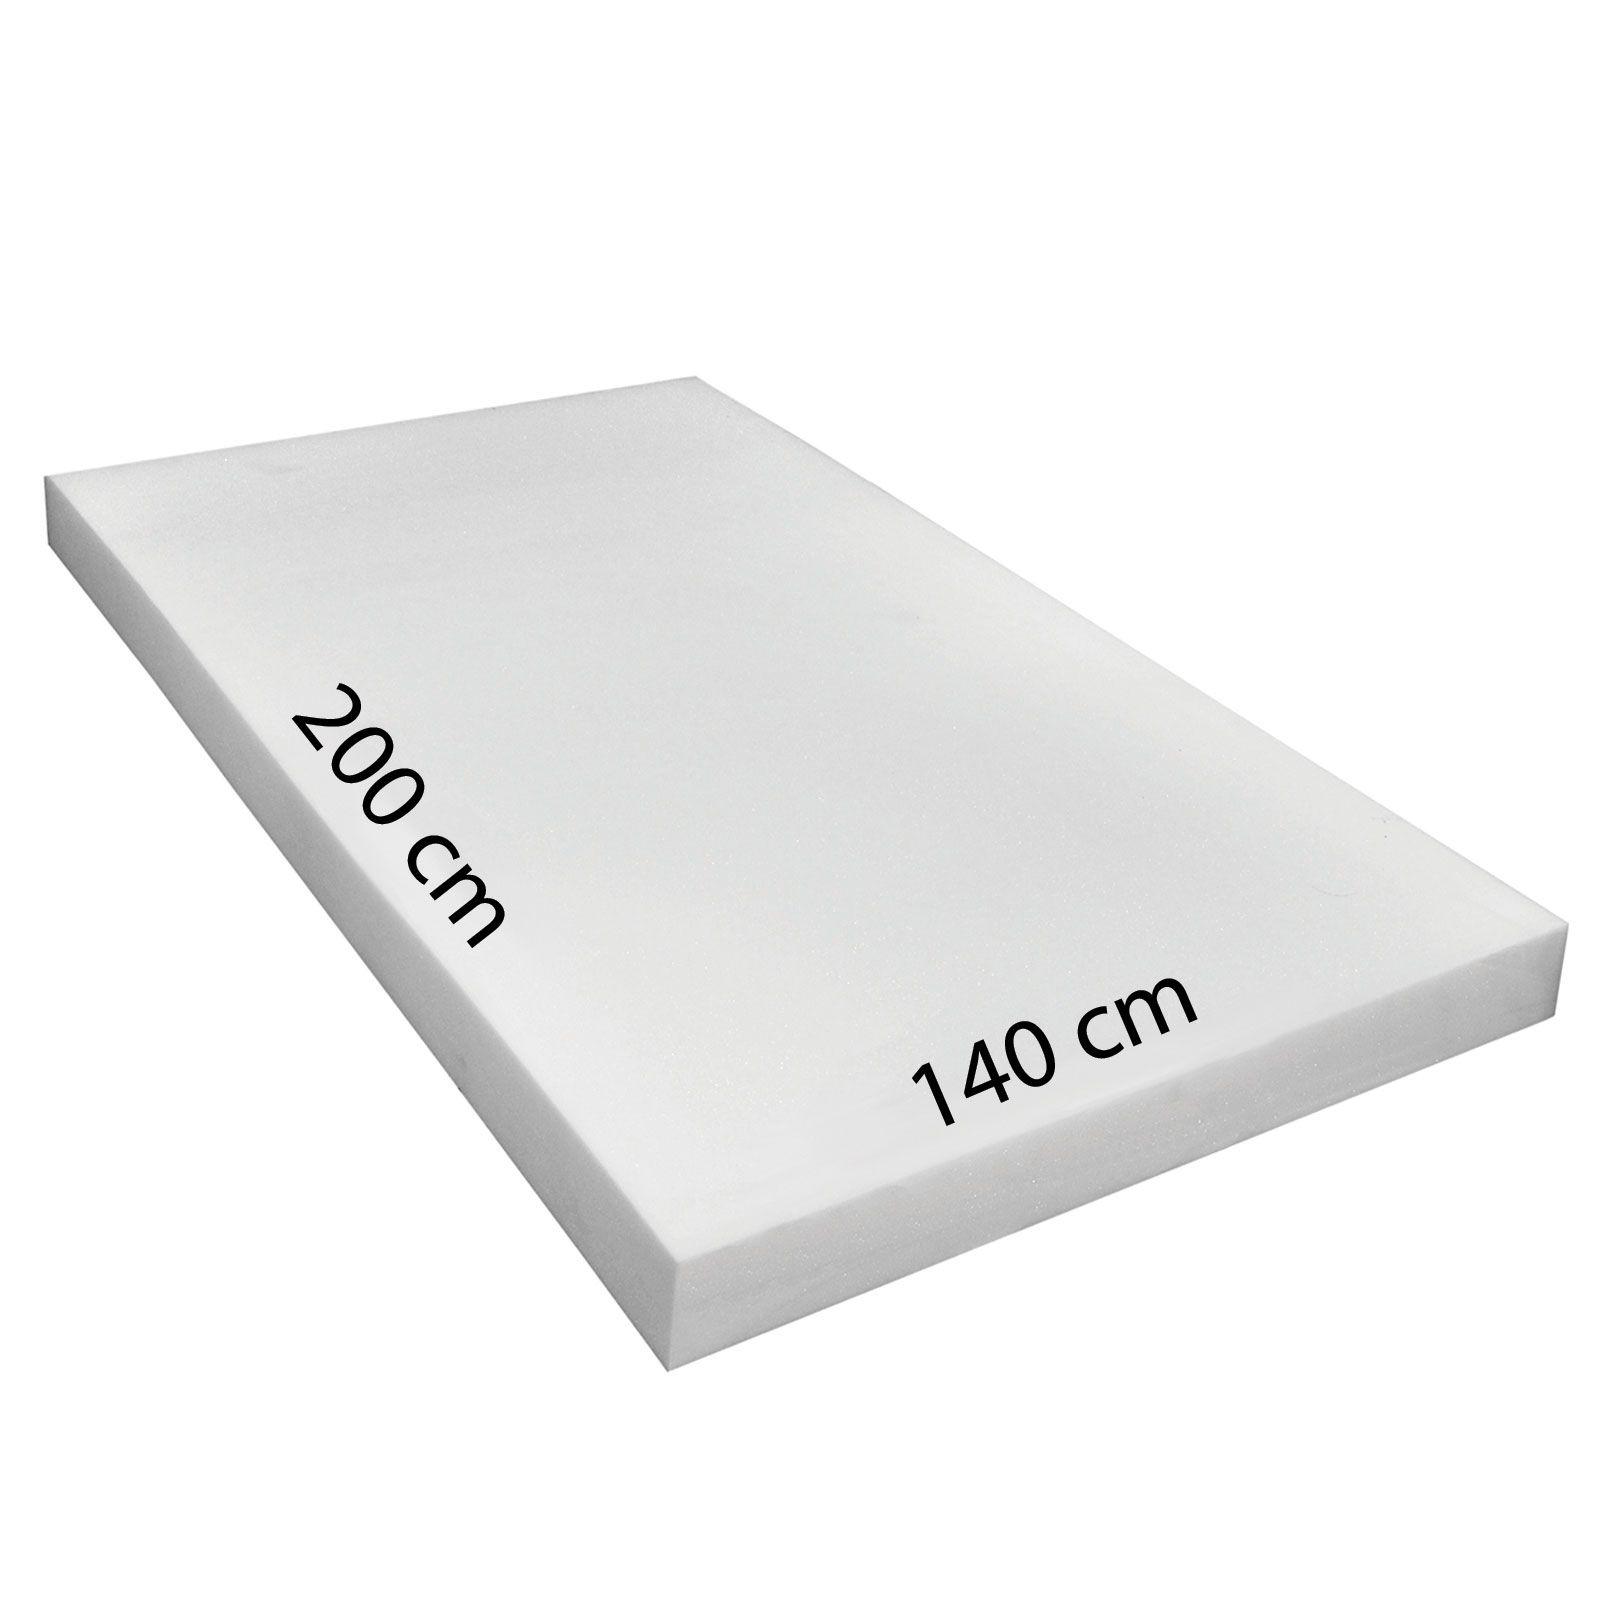 Schaumstoff Schaumstoffplatte Matratze Schaum Polster Rg14 18 Rg25